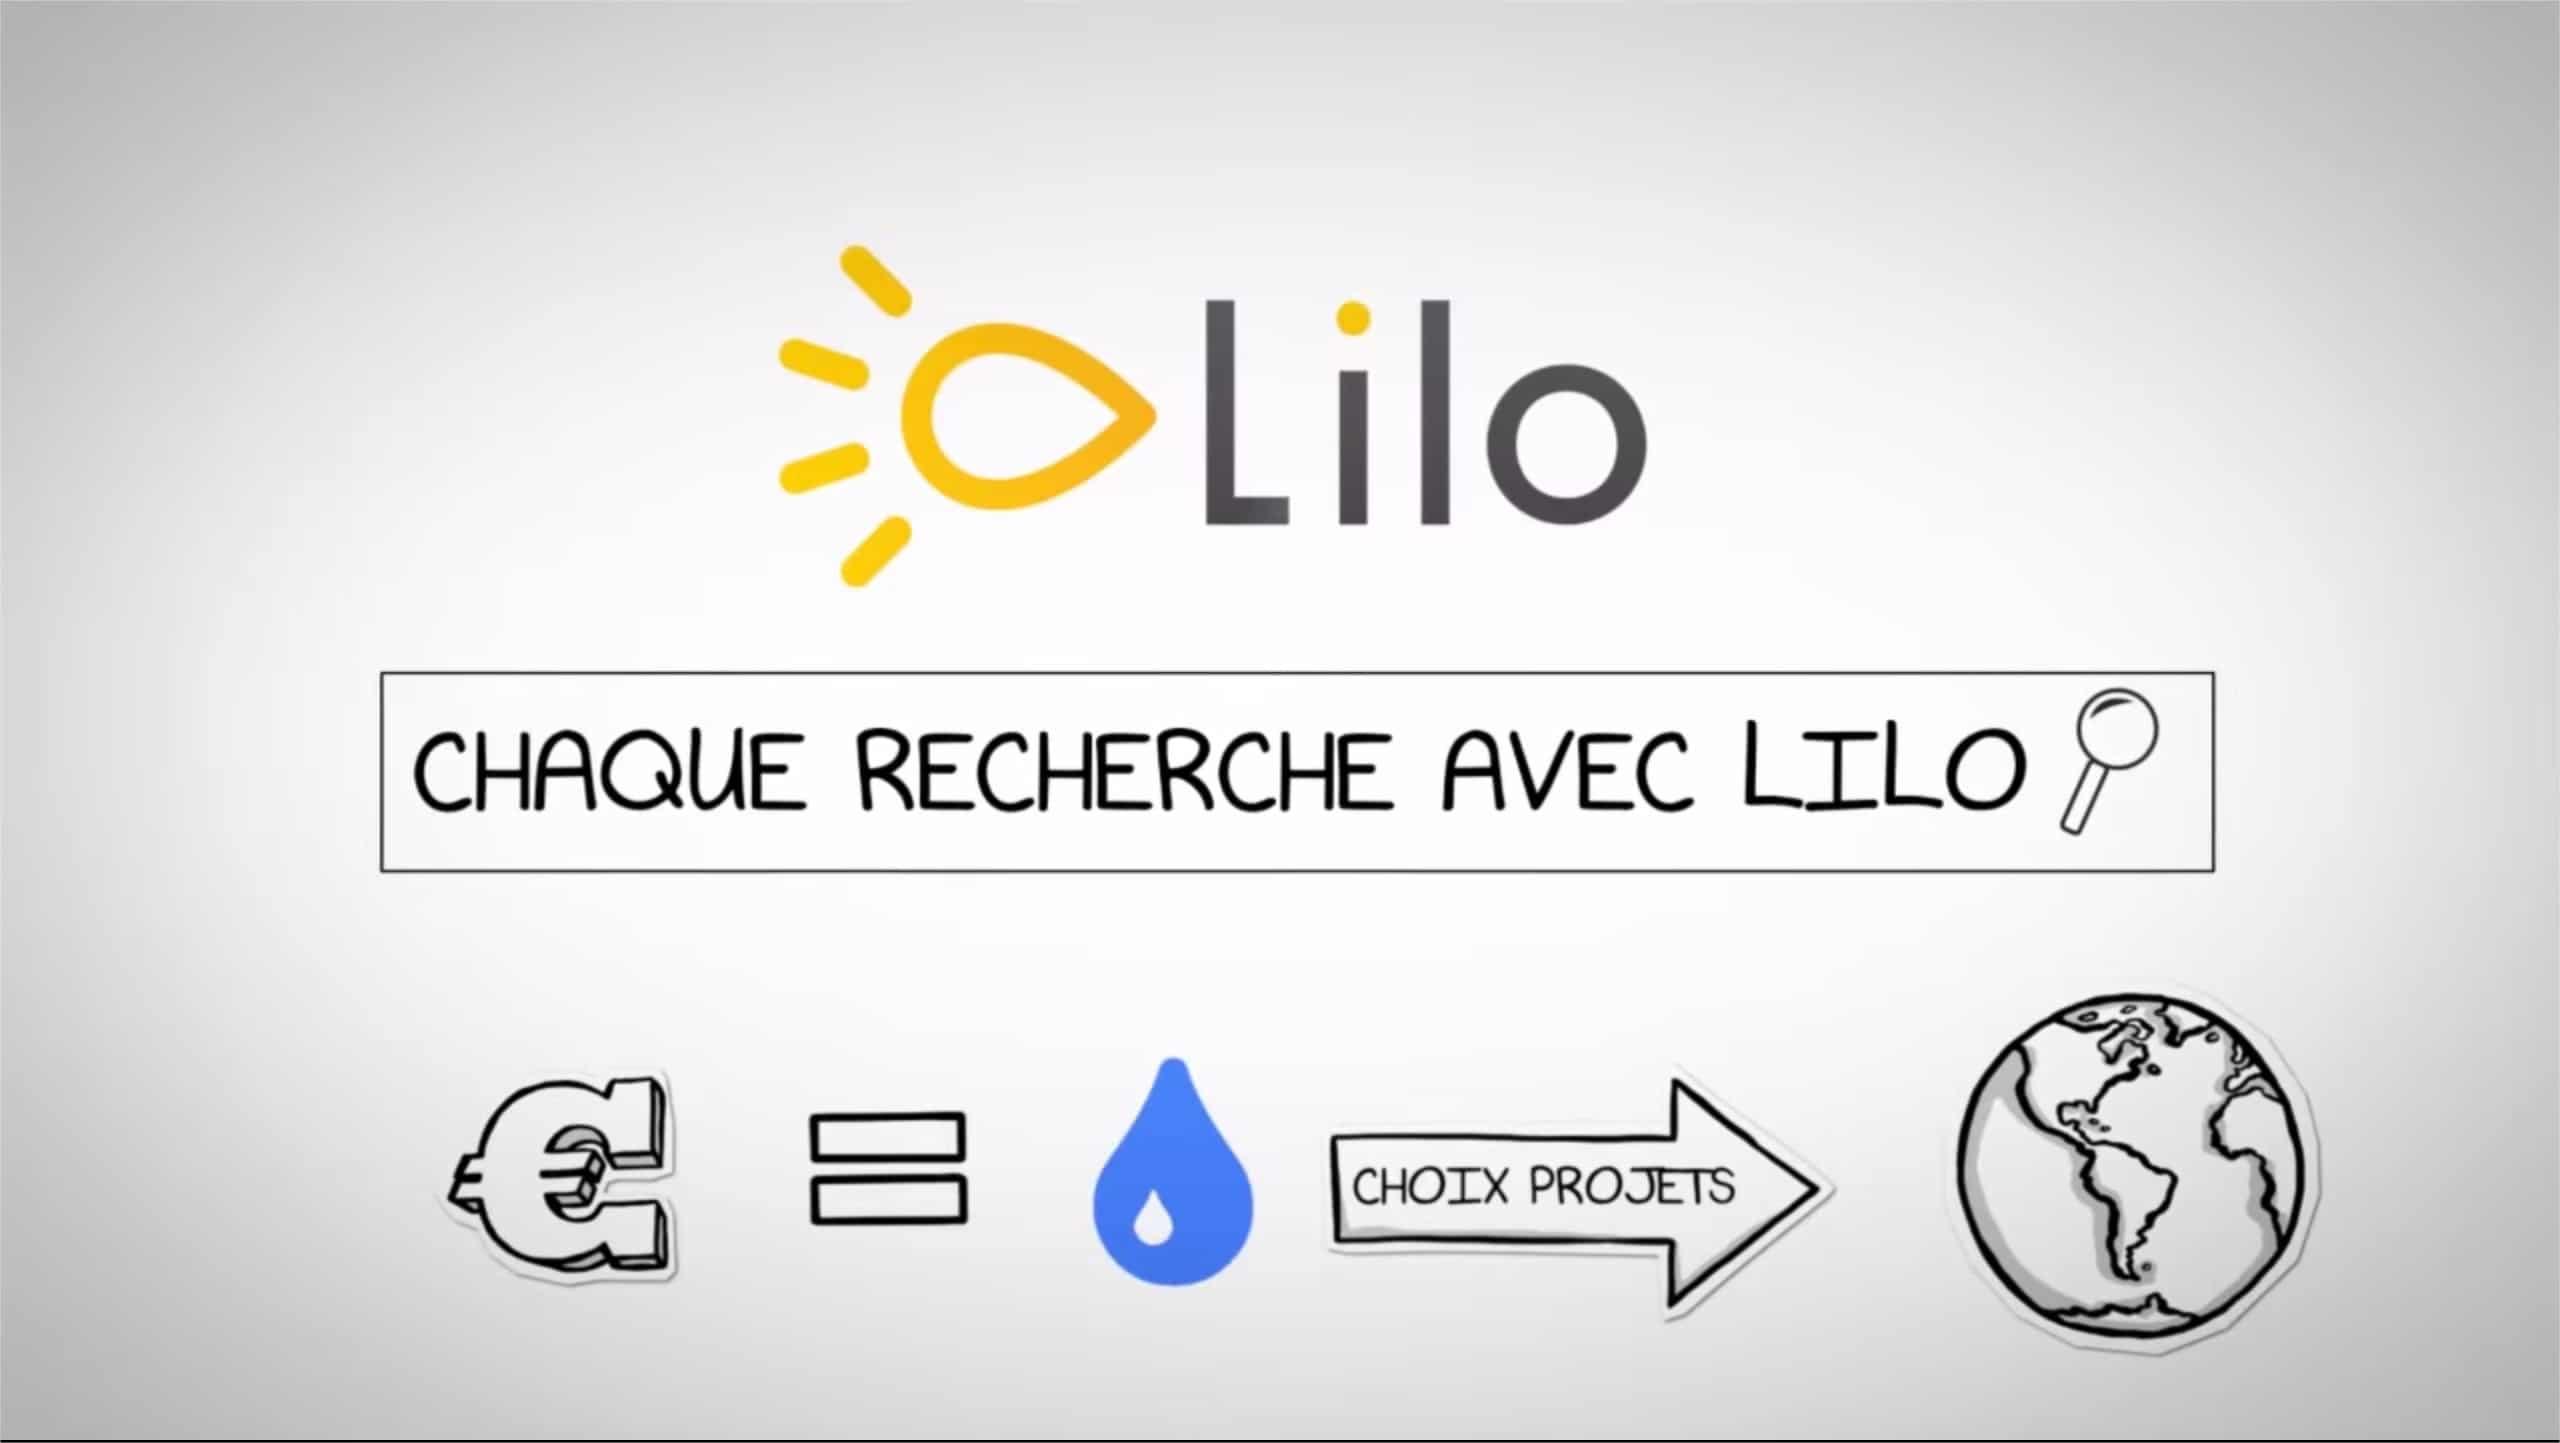 Lilo-recherche